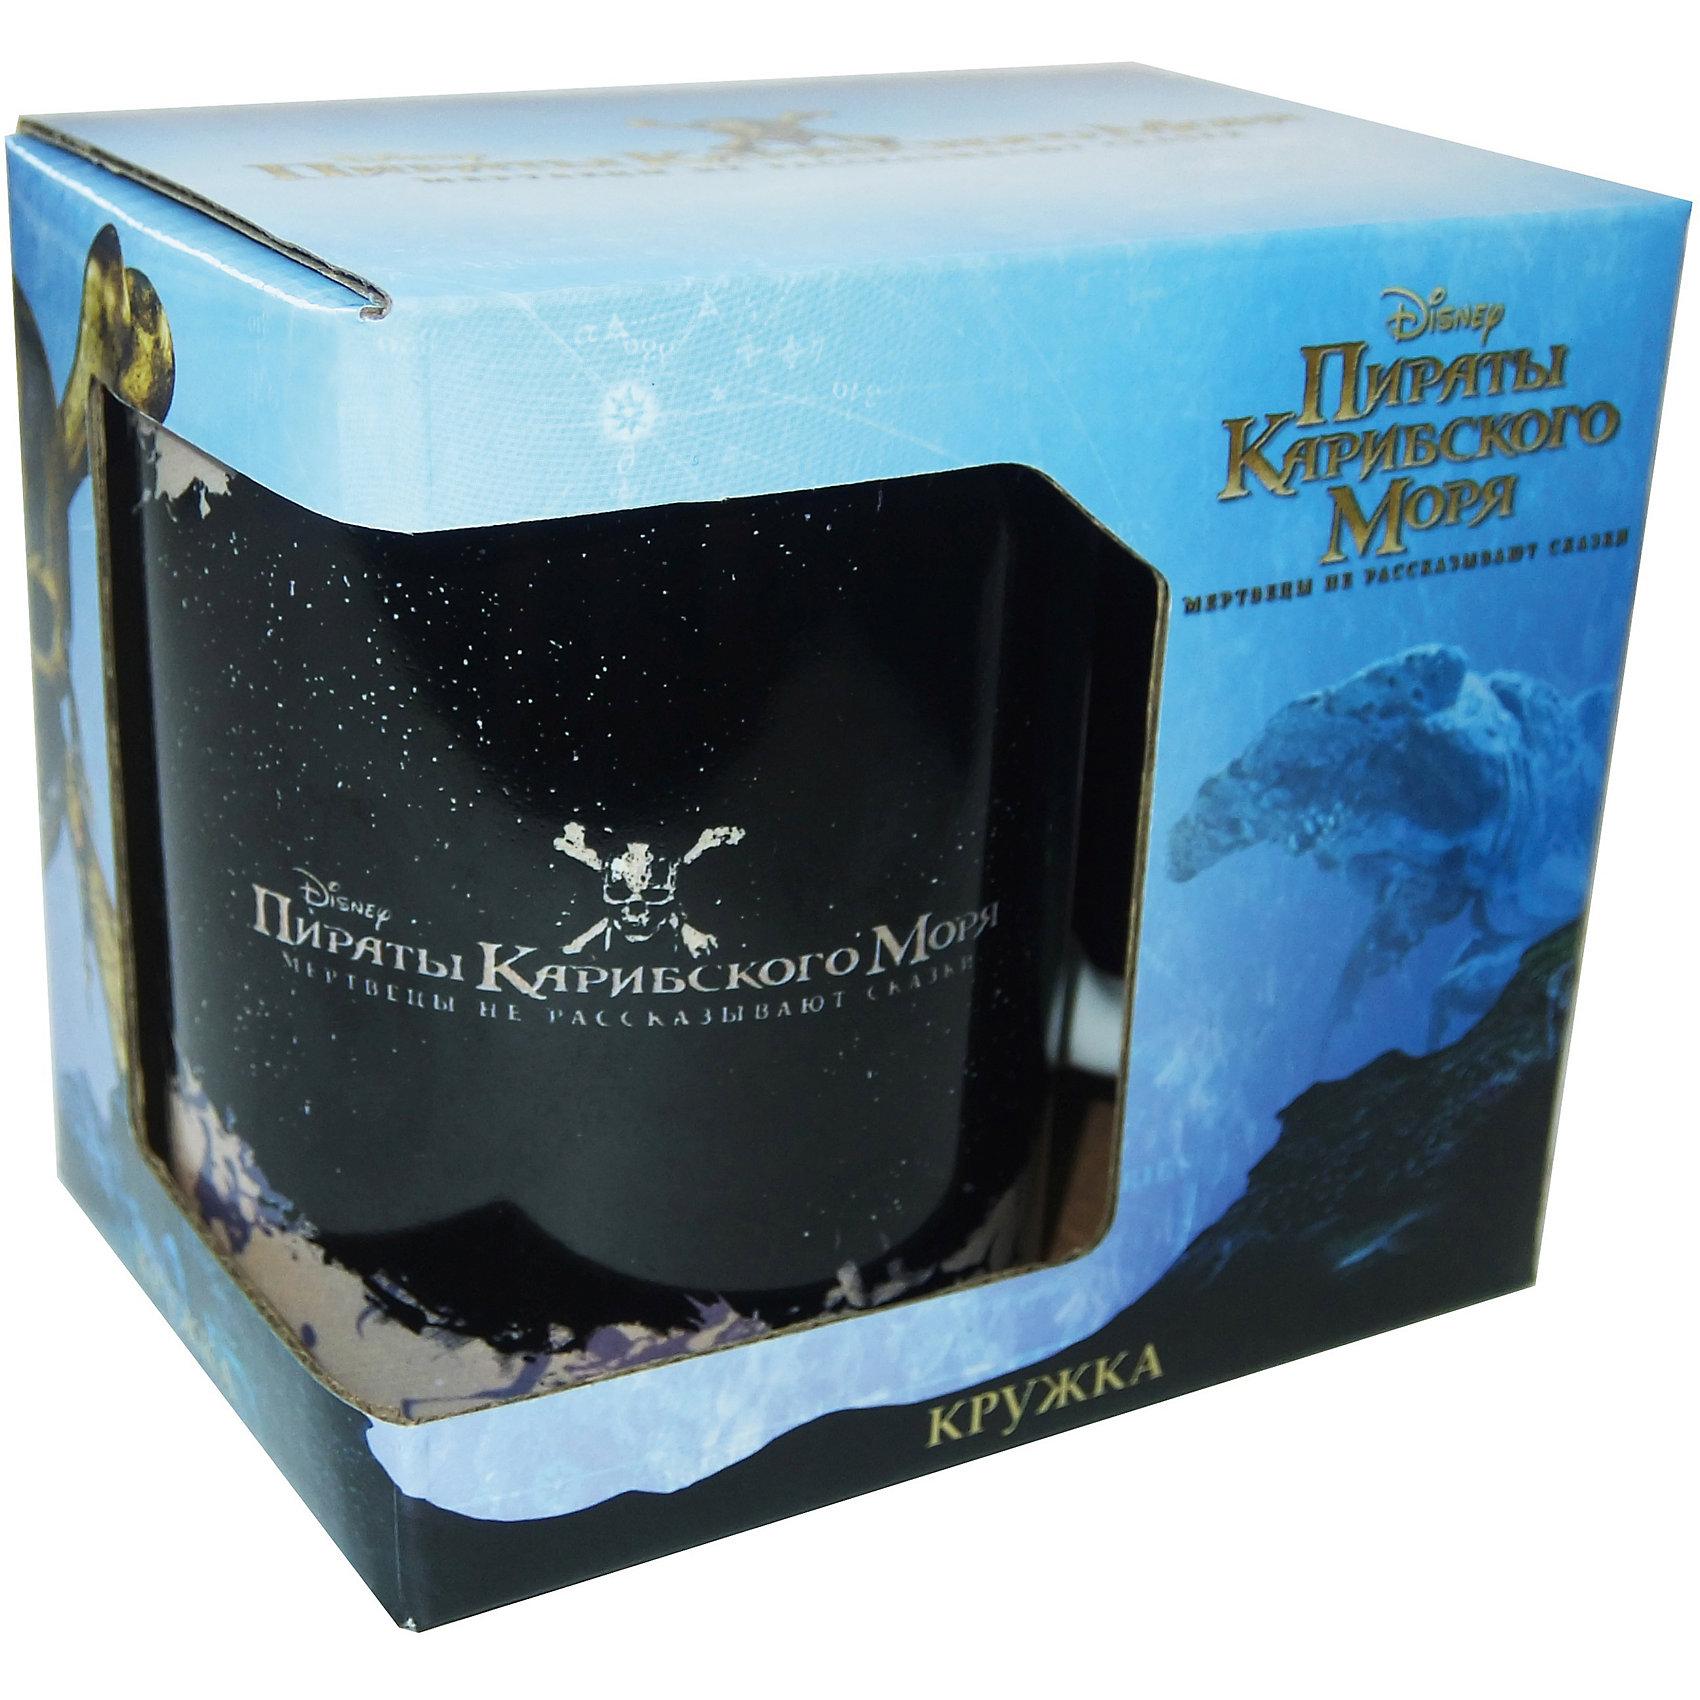 Кружка Пираты Карибского Моря. Капитан Джек Воробей в подарочной упаковке, 350 мл., DisneyПосуда<br>Характеристики:<br><br>• Материал: керамика<br>• Тематика рисунка: Пираты Карибского моря<br>• Можно использовать для горячих и холодных напитков<br>• Объем: 350 мл<br>• Упаковка: подарочная картонная коробка<br>• Вес: 360 г <br>• Размеры (Д*Ш*В): 12*8,2*9,5 см<br>• Особенности ухода: можно мыть в посудомоечной машине<br><br>Кружка Пираты Карибского моря. Капитан Джек Воробей в подарочной упаковке, 350 мл., Disney выполнена в стильном дизайне: на черном корпусе нанесено изображение капитана Джека Воробья. Изображение устойчиво к появлению царапин, не выцветает при частом мытье. <br><br>Кружку Пираты Карибского моря. Капитан Джек Воробей в подарочной упаковке, 350 мл., Disney можно купить в нашем интернет-магазине.<br><br>Ширина мм: 120<br>Глубина мм: 82<br>Высота мм: 95<br>Вес г: 360<br>Возраст от месяцев: 36<br>Возраст до месяцев: 1188<br>Пол: Унисекс<br>Возраст: Детский<br>SKU: 6849938